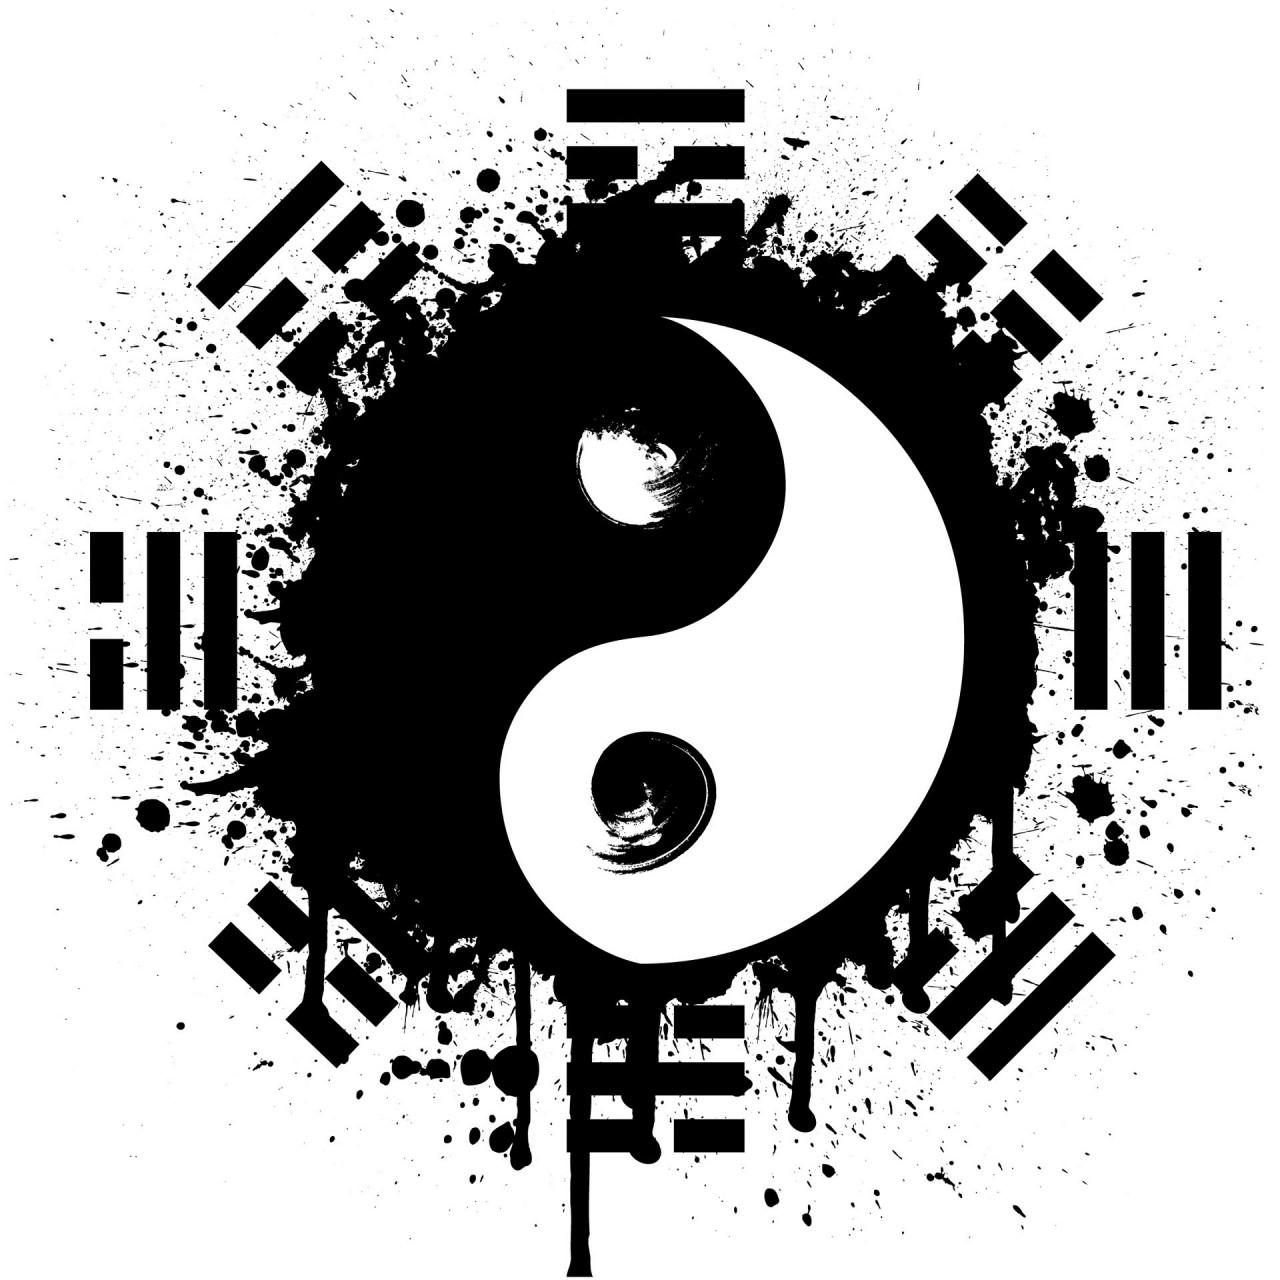 Книга Перемен Ицзын что это, Как правильно гадать по китайской книге перемен, Как интерпретировать и читать гексаграммы, Как получить гексаграммы для гадания,